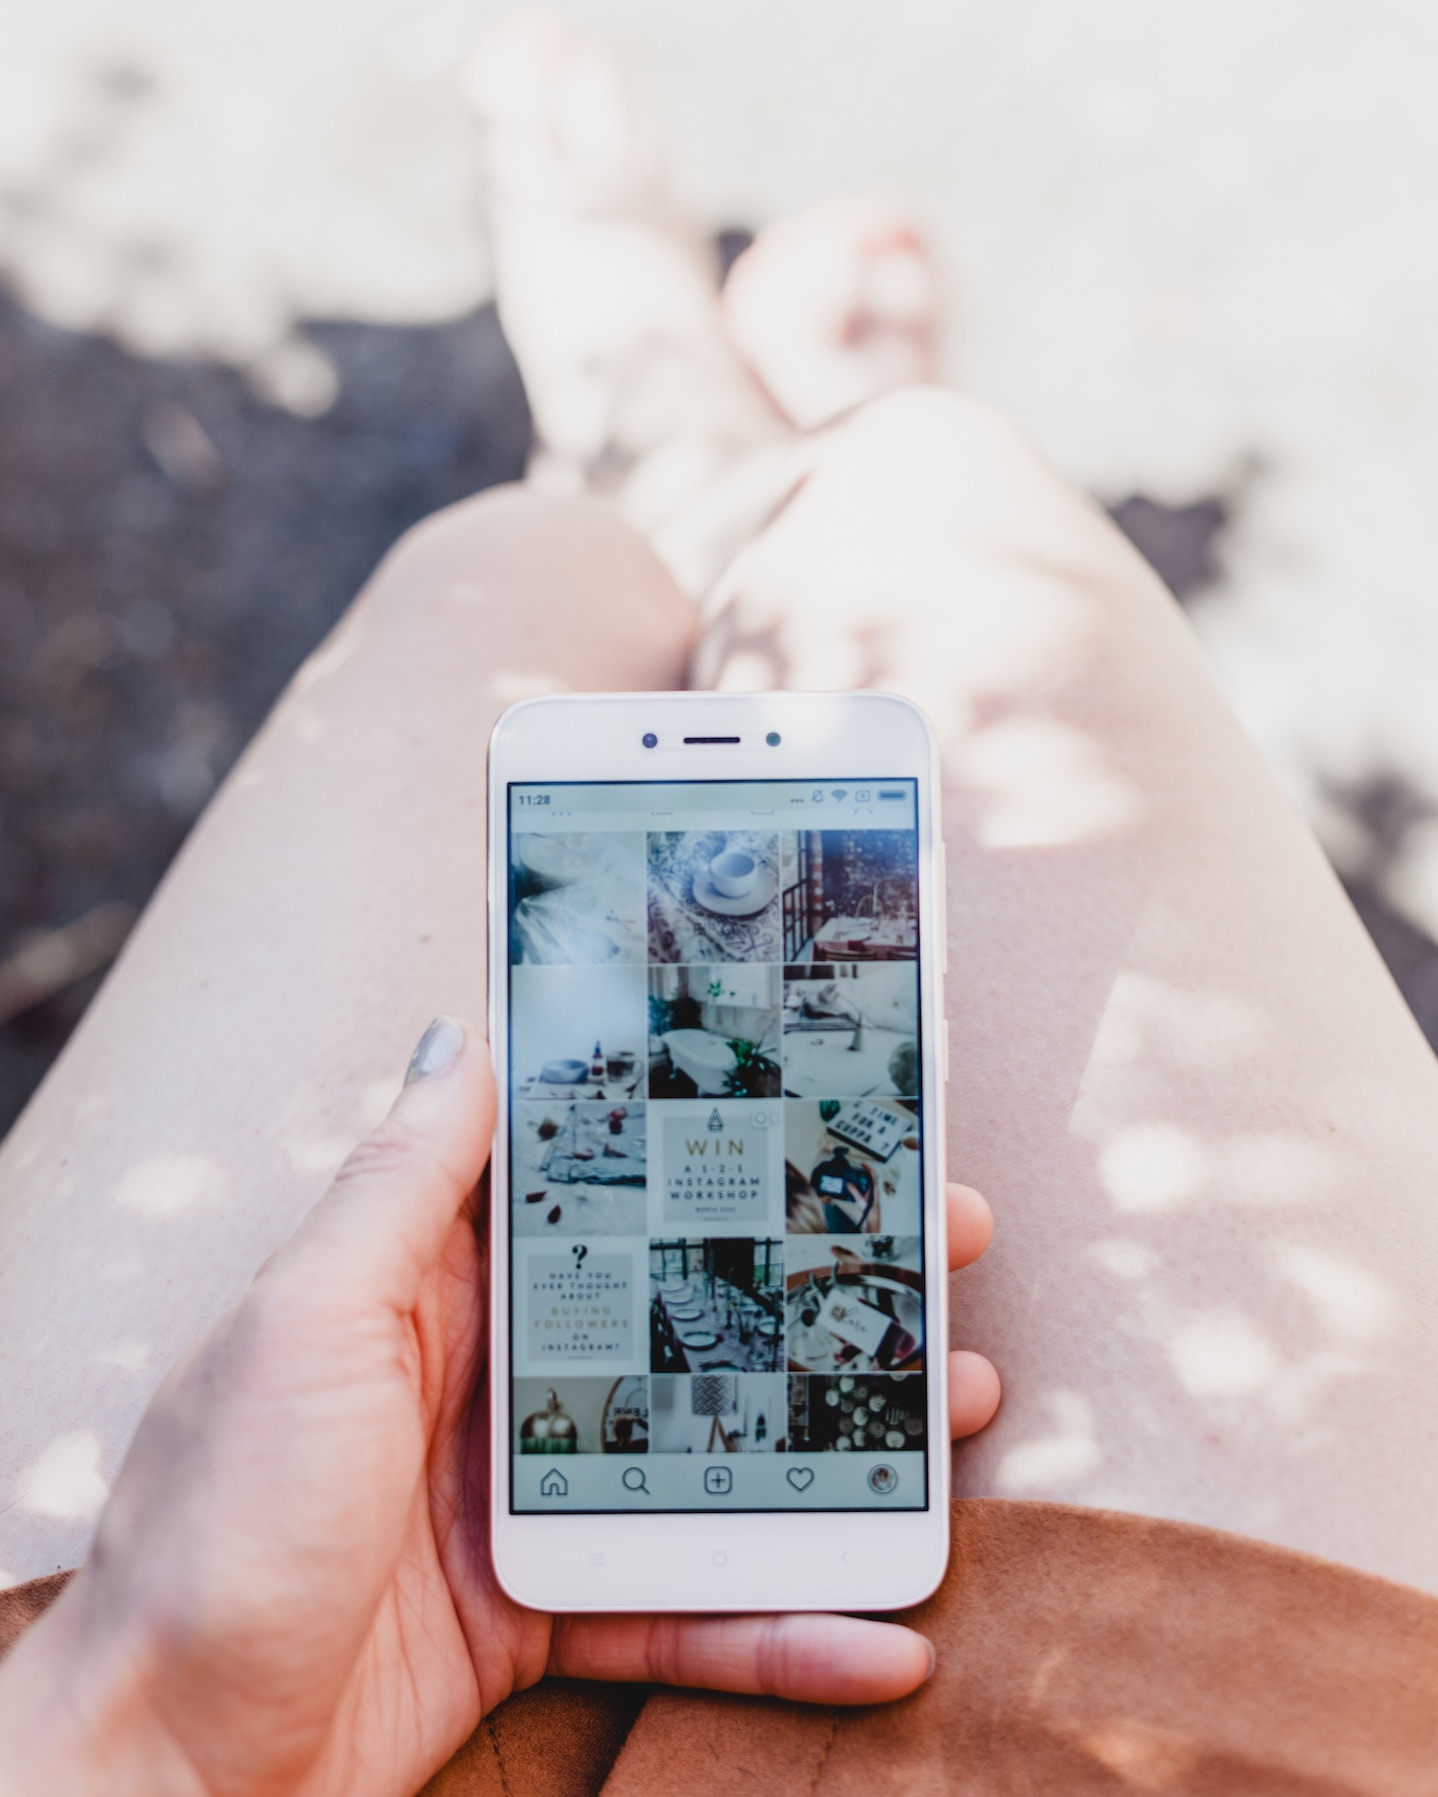 diseña imágenes para redes sociales